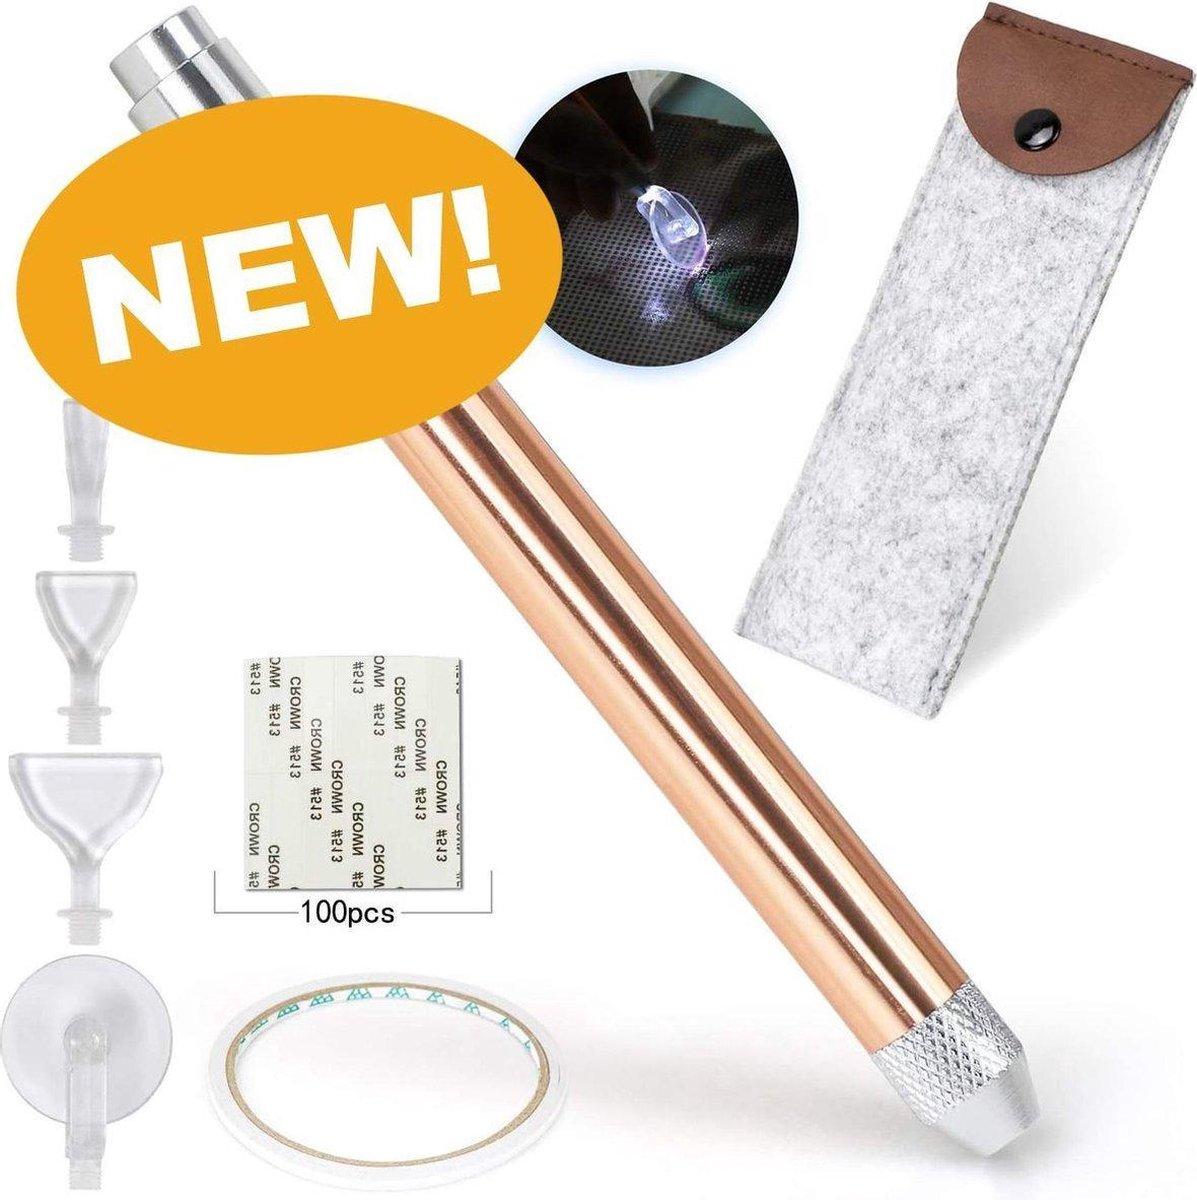 Updated 2021: Diamond Painting Pen met Licht 107-Delig - Lichtpen voor Diamond Painting Volwassenen - Diamond Painting Accesoires - Diamond Painting Tools